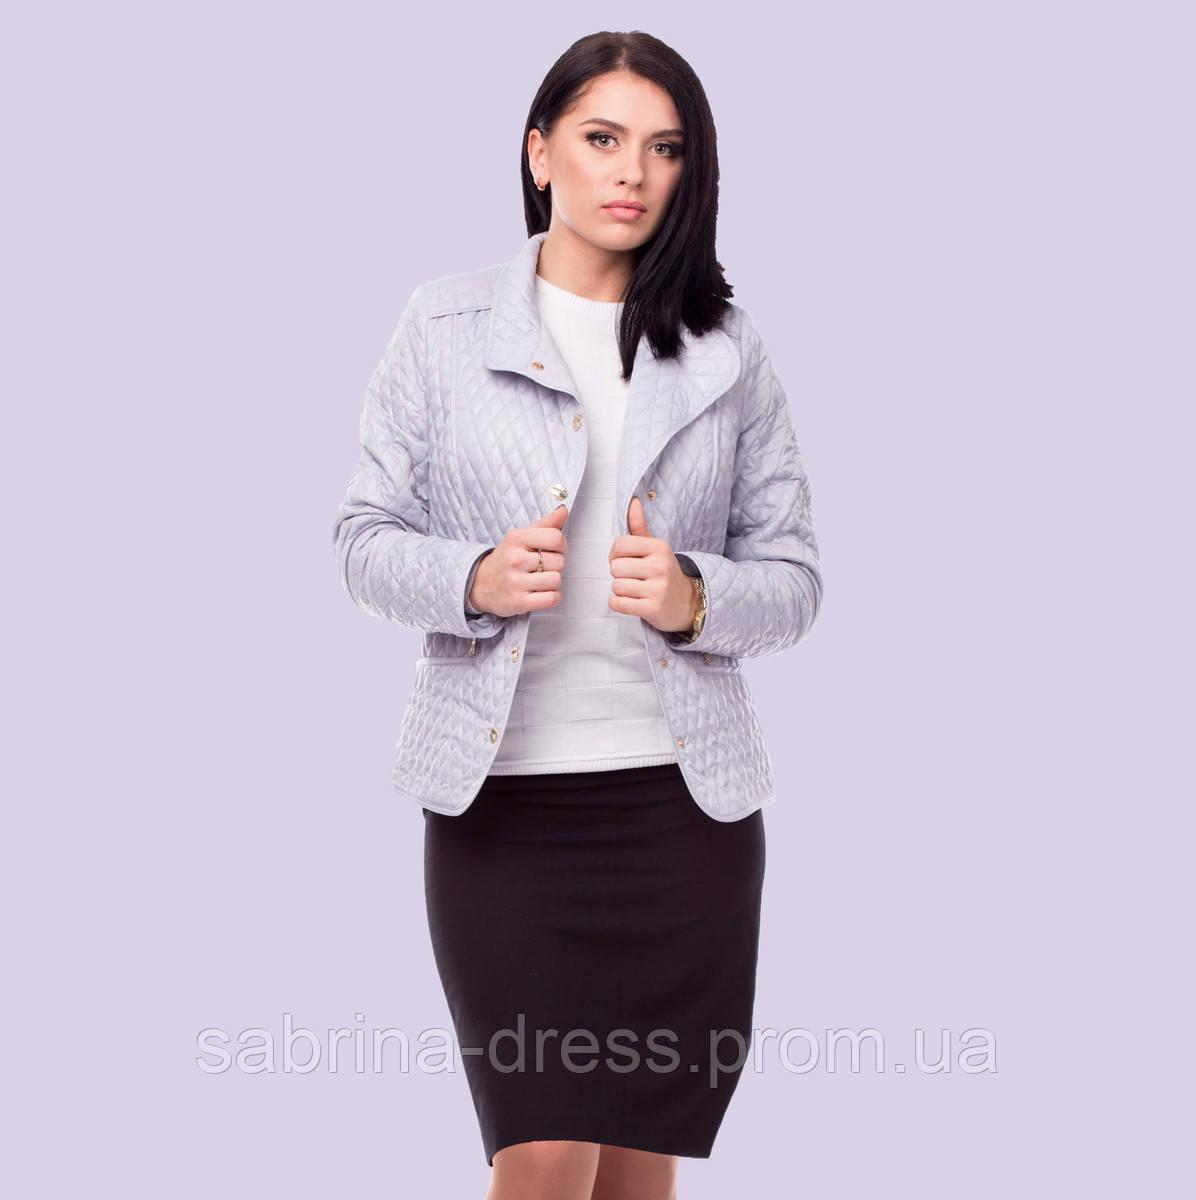 6d4c205745a Женская демисезонная куртка. Модель 59. Размеры 50-56 - sabrina-dress в